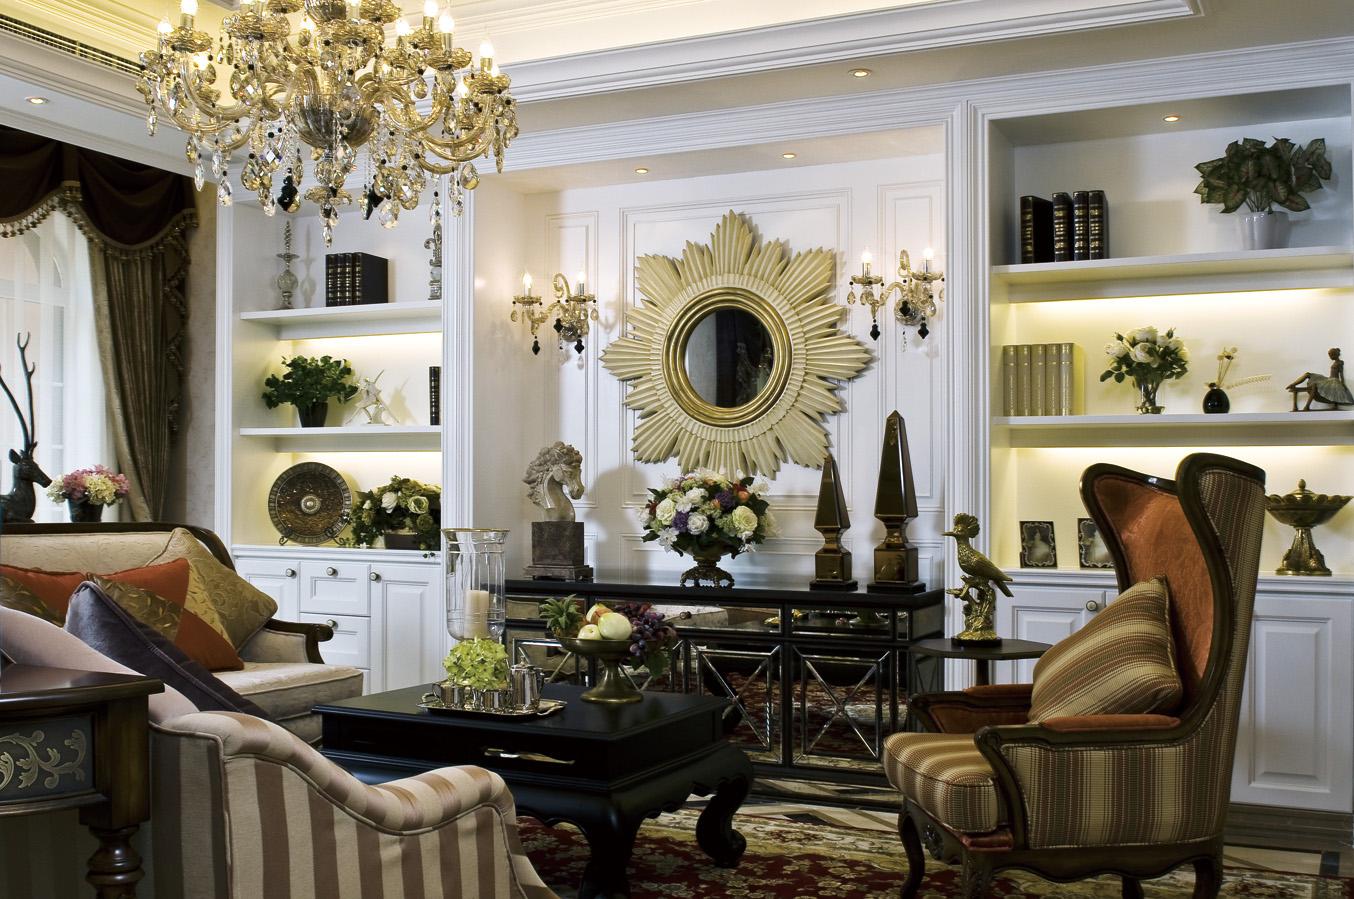 简约 欧式 田园 混搭 二居 三居 别墅 客厅 卧室图片来自用户5931657092在成都轻舟装饰的分享